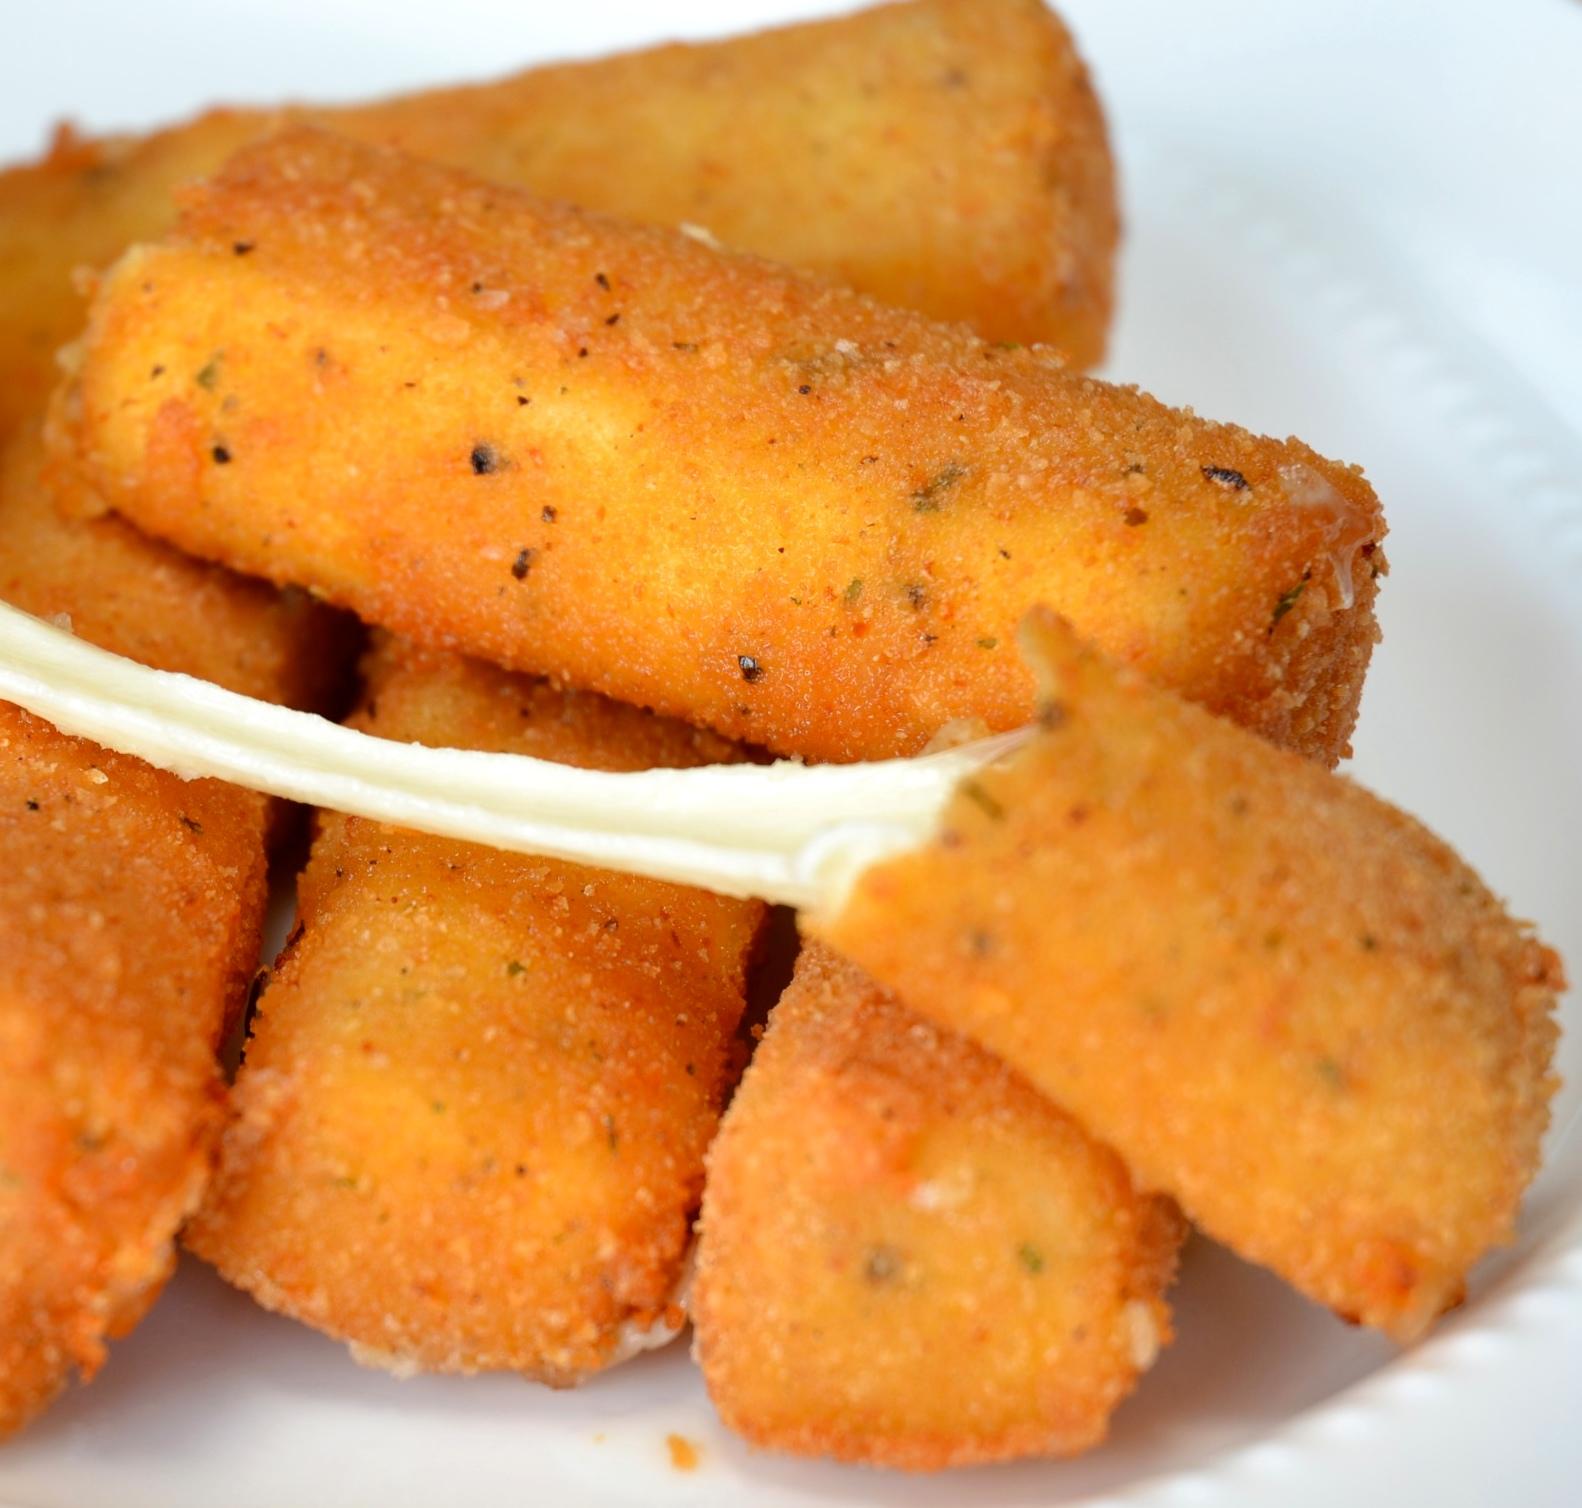 Bastoncini di formaggio gruyère fritto in pastella